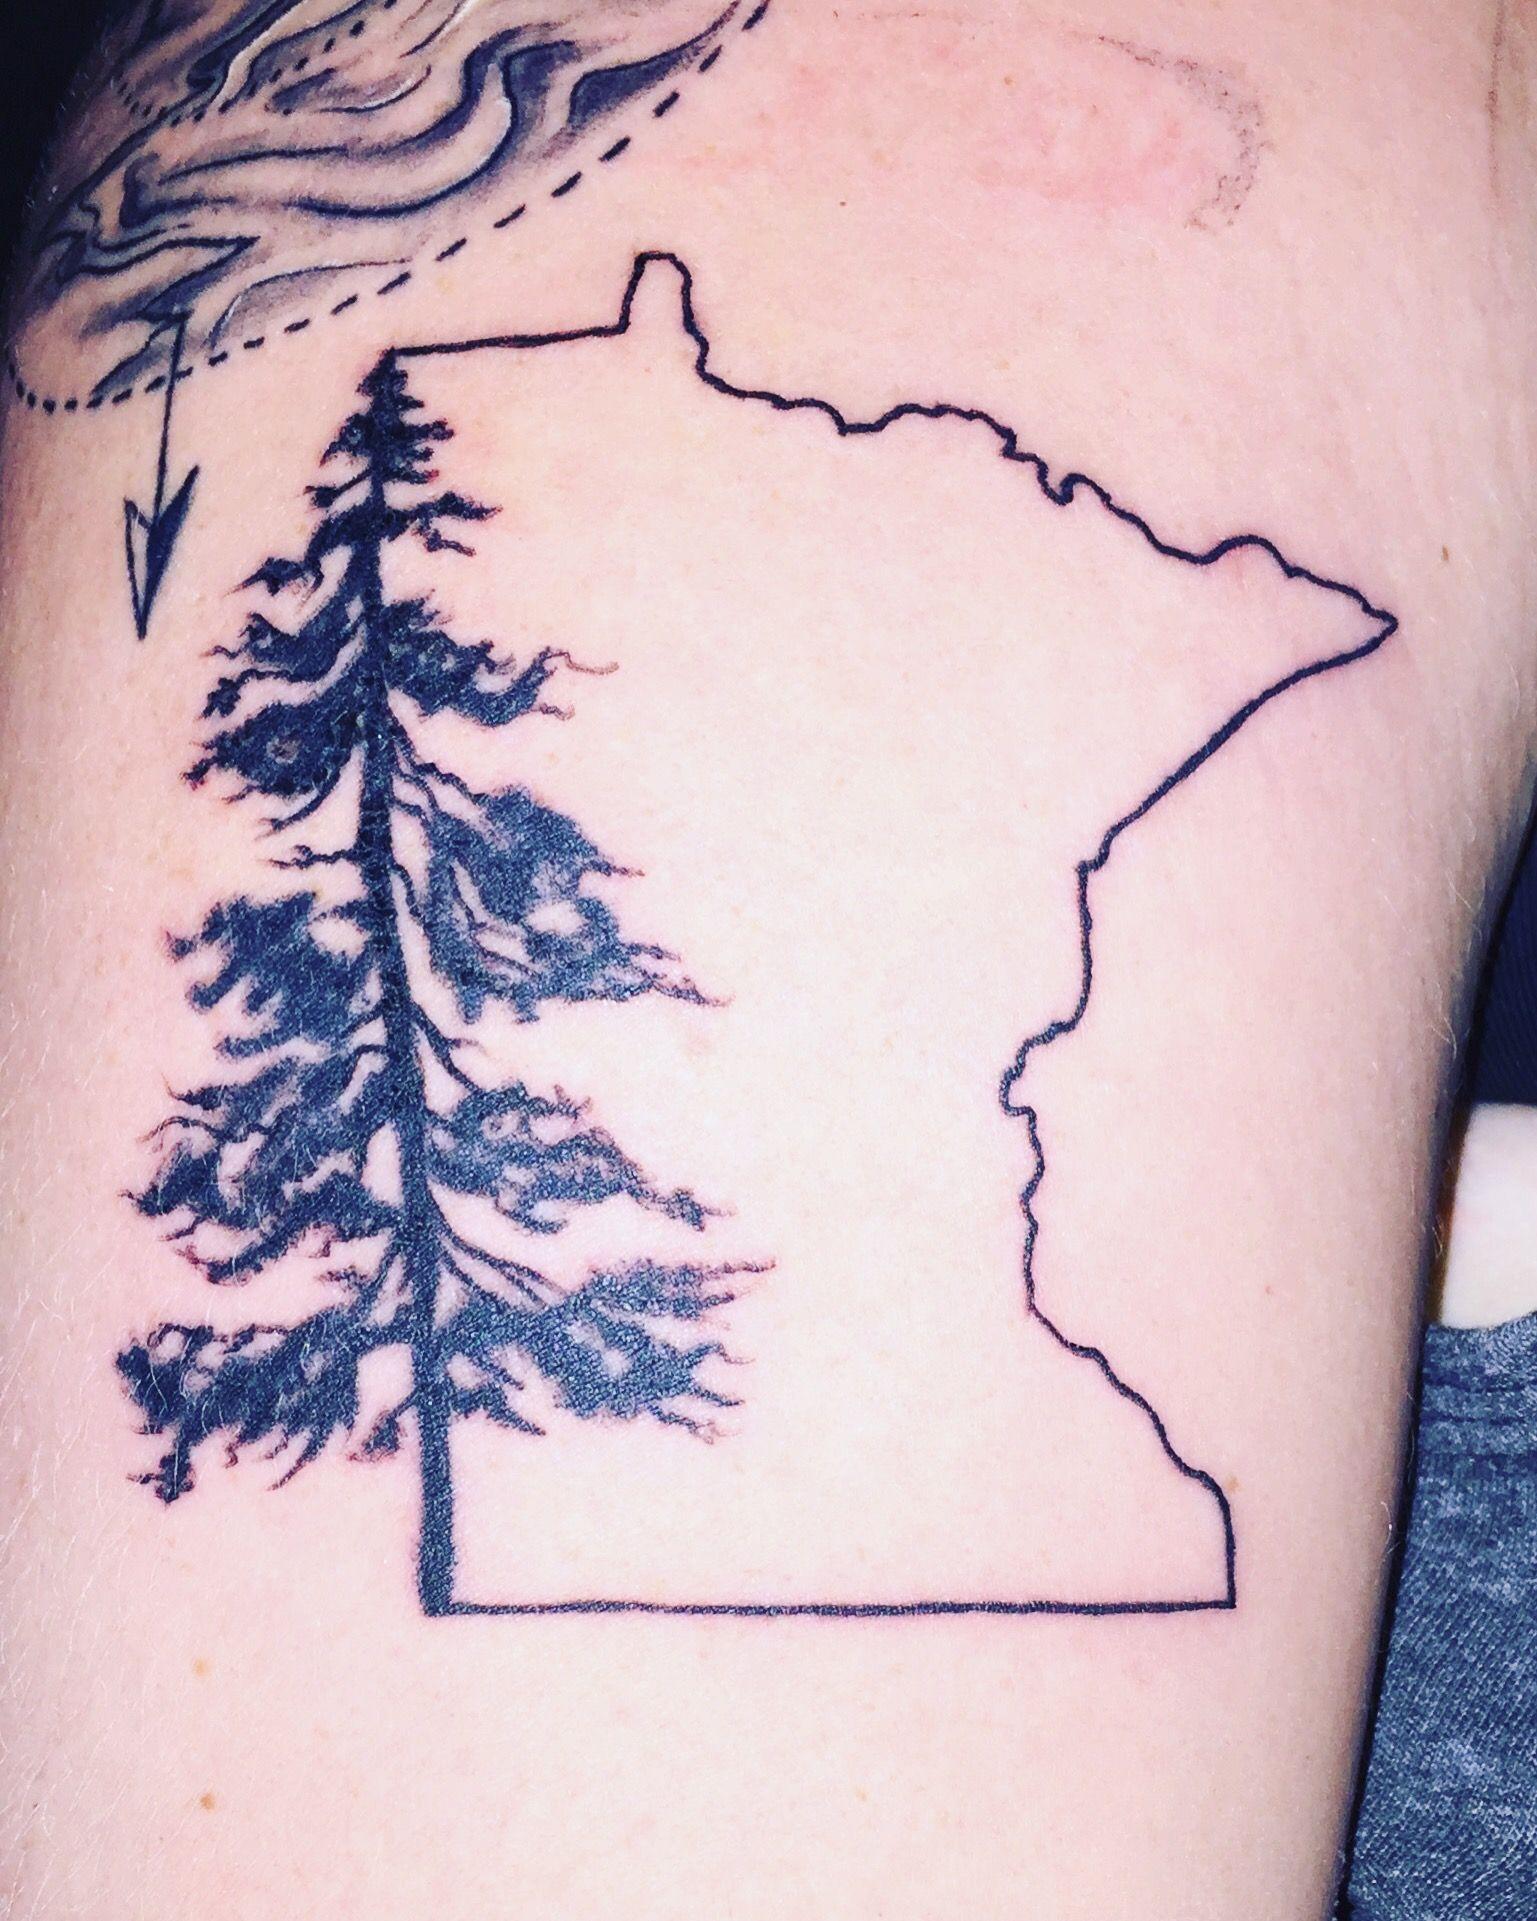 Mn tattoo minnesota tattoo inspirational tattoos